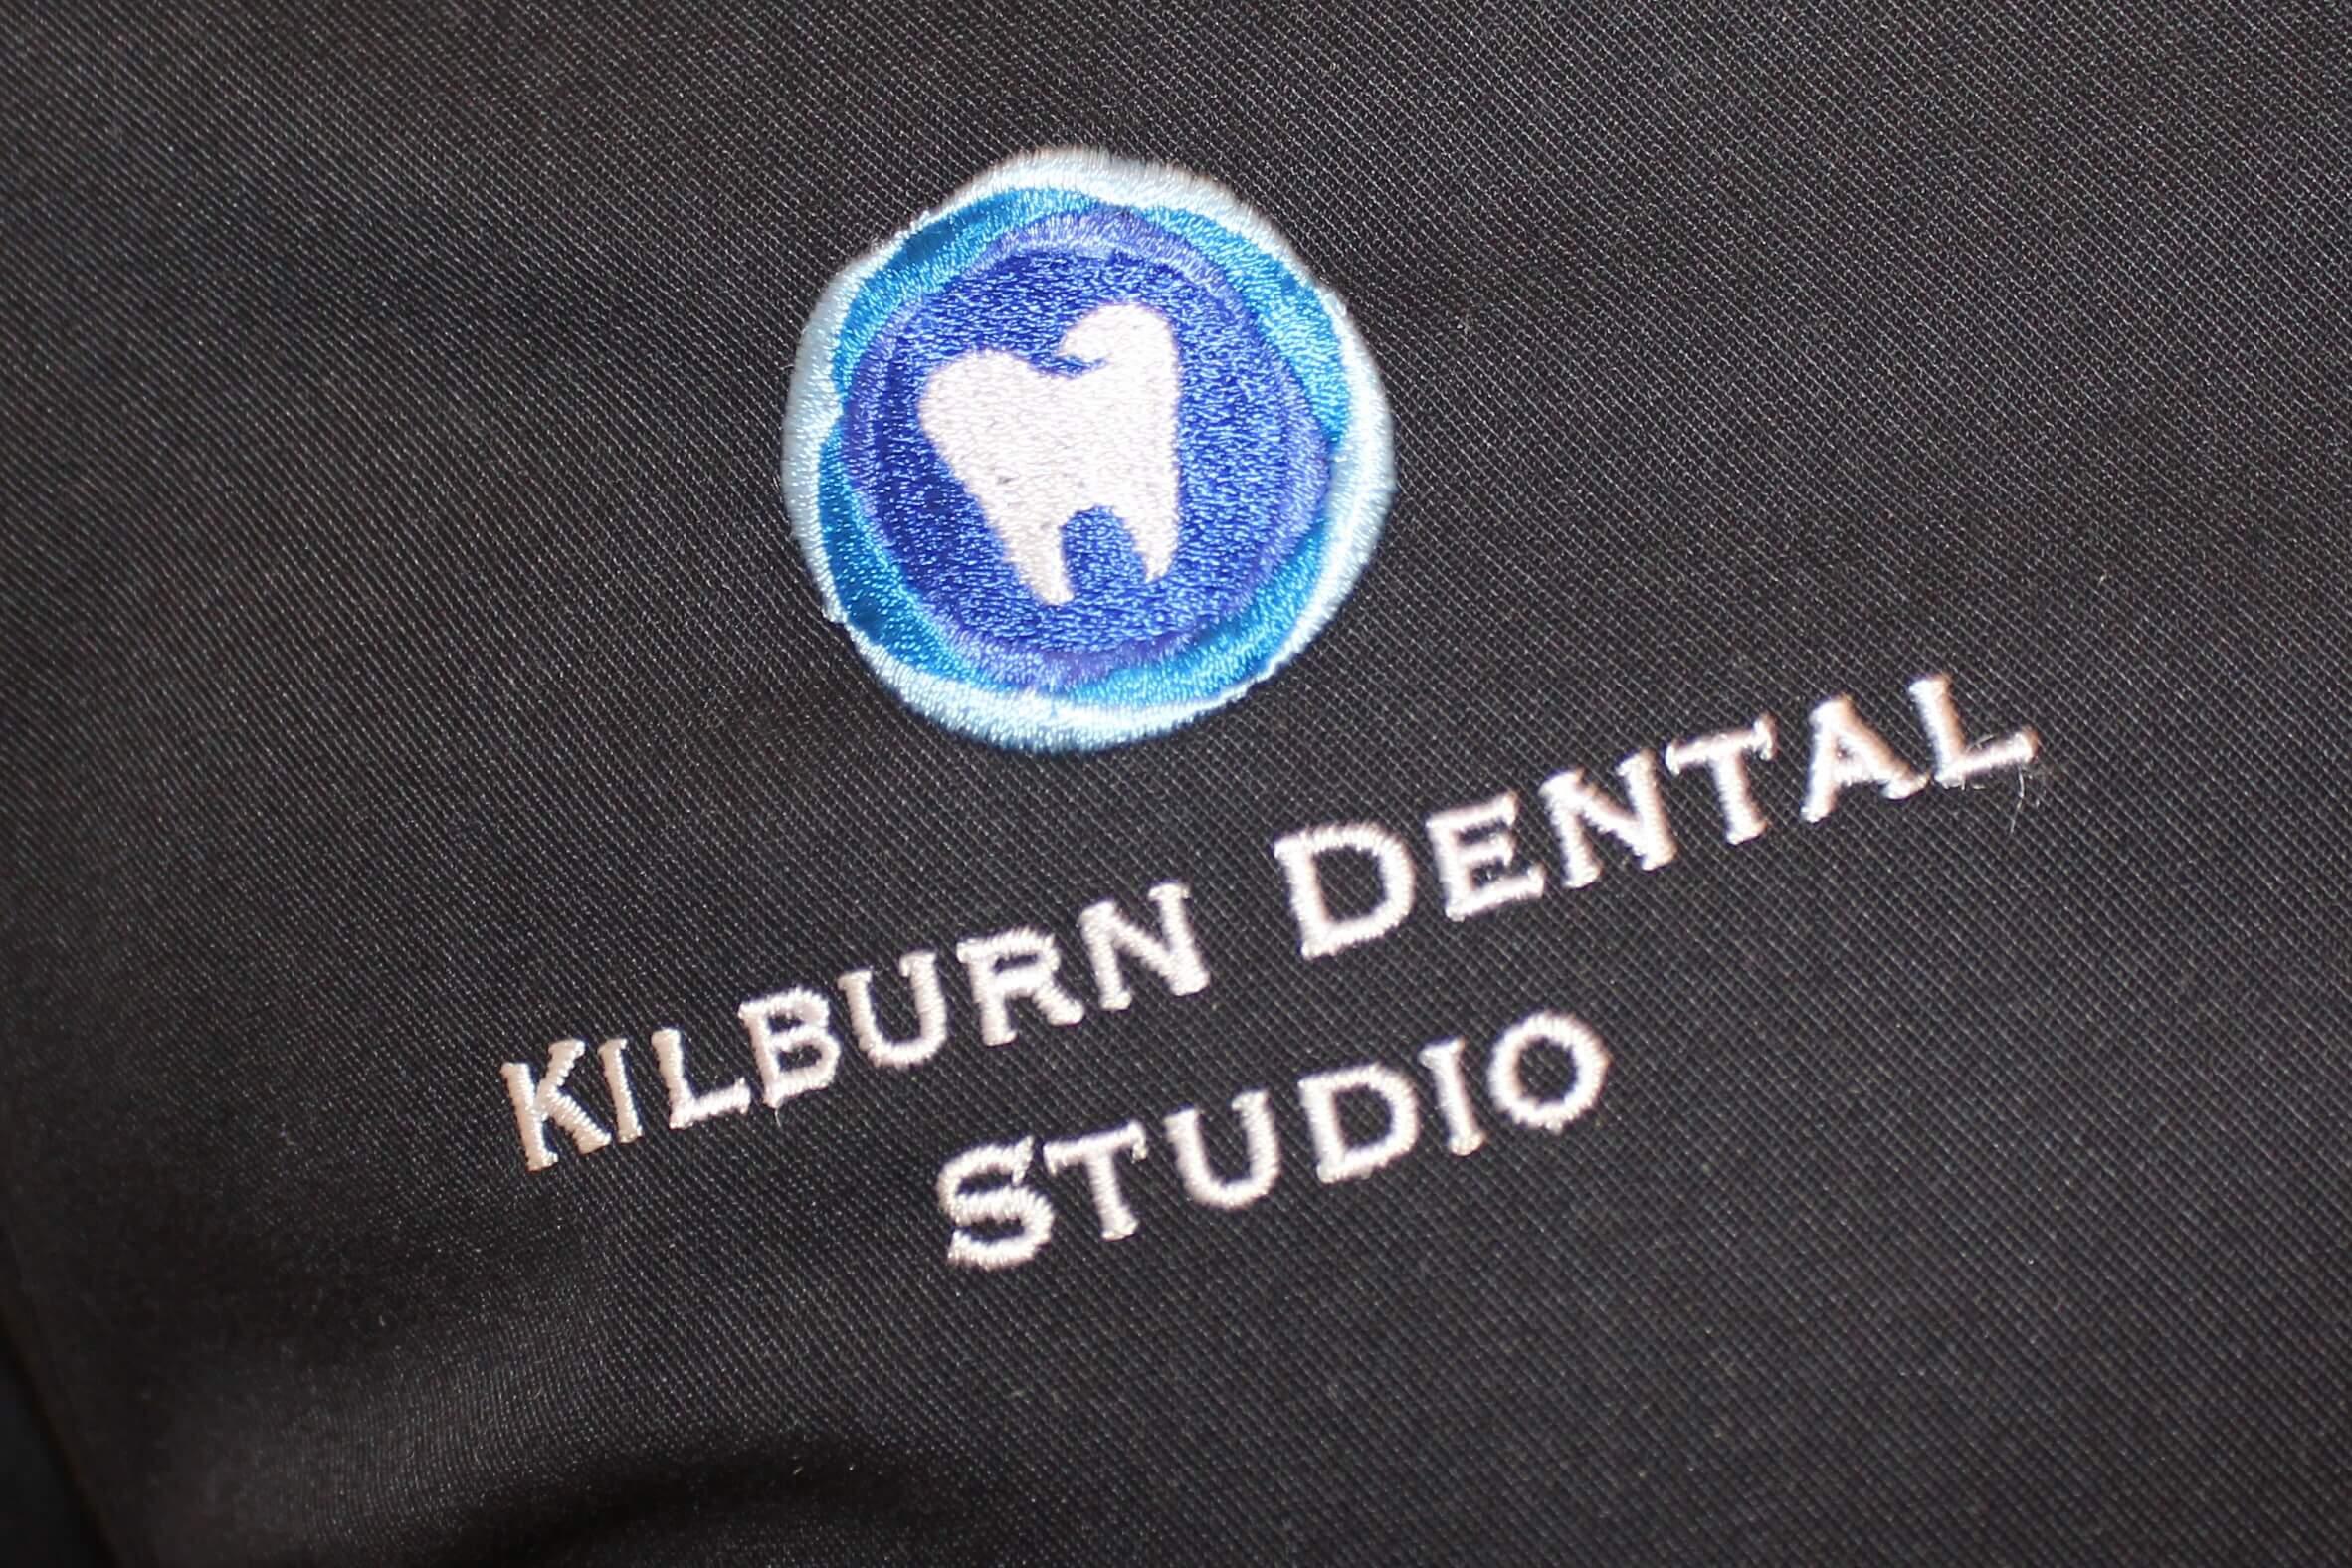 Kilburn Dental uniform logo